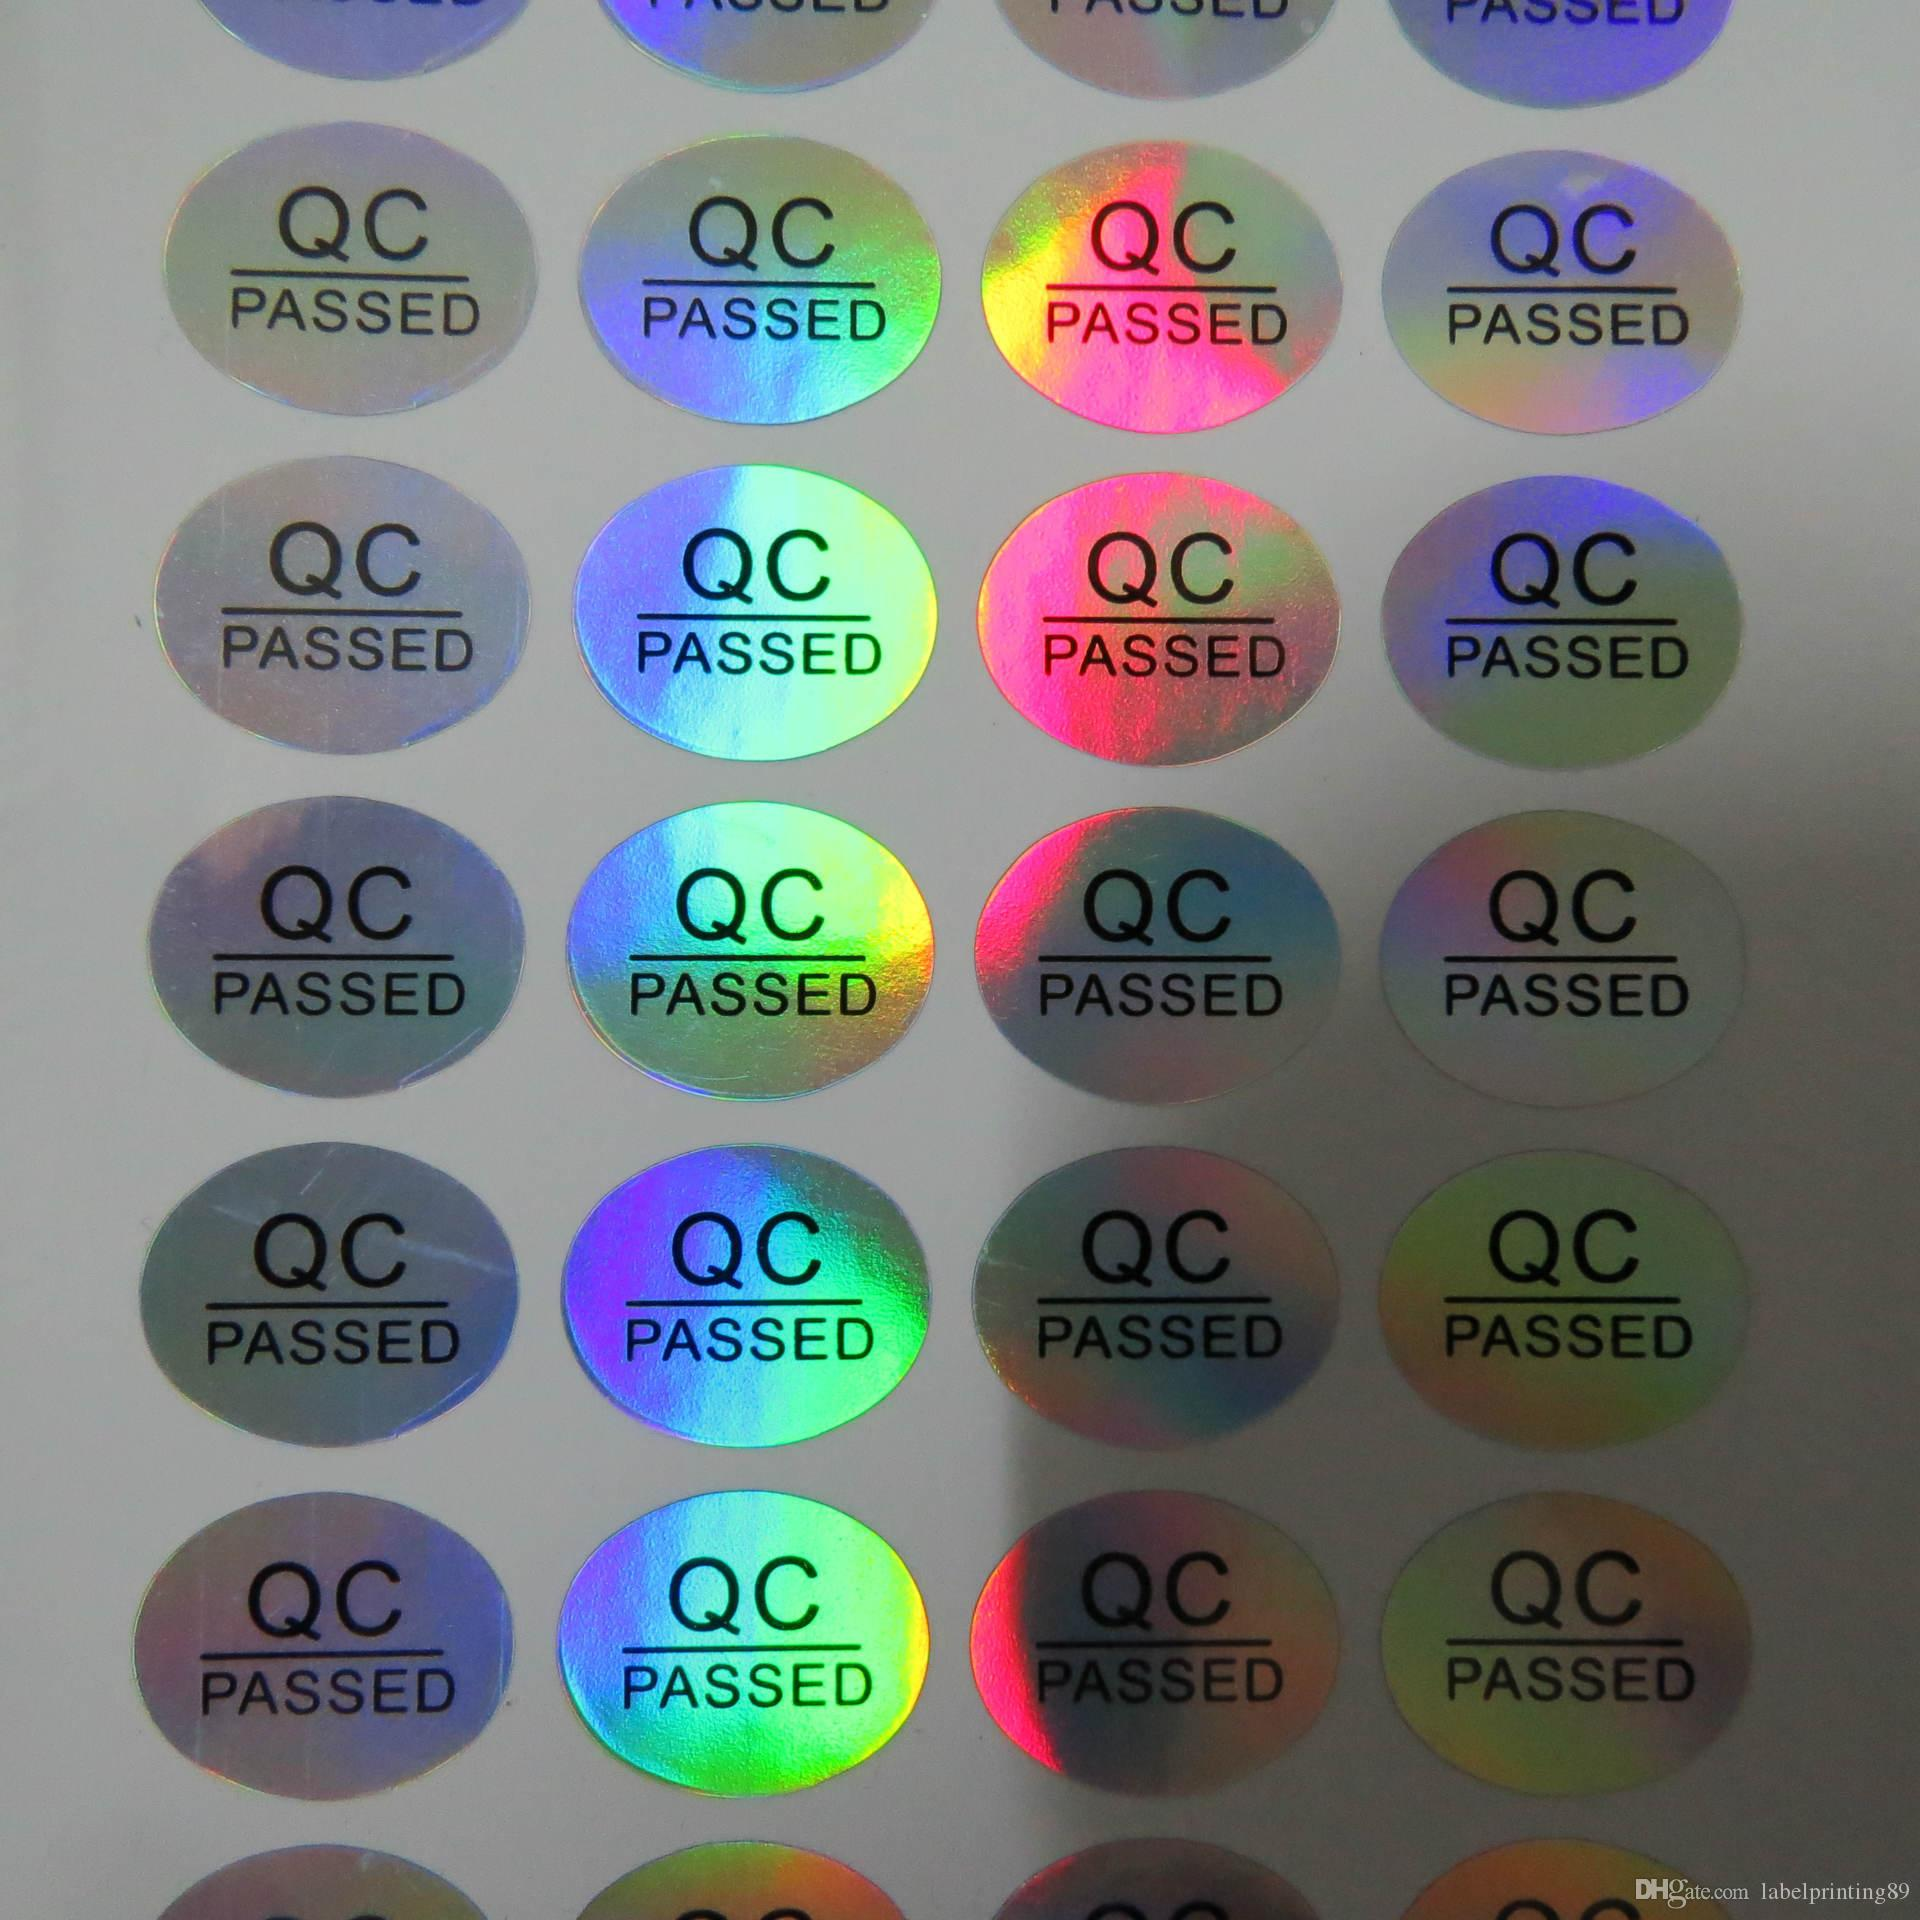 16 * 13mm adhésif permanent rond QC poncturé joint de bouteille anti-faux hologramme autocollant auto-adhésif étiquette ovale holographique label coloré